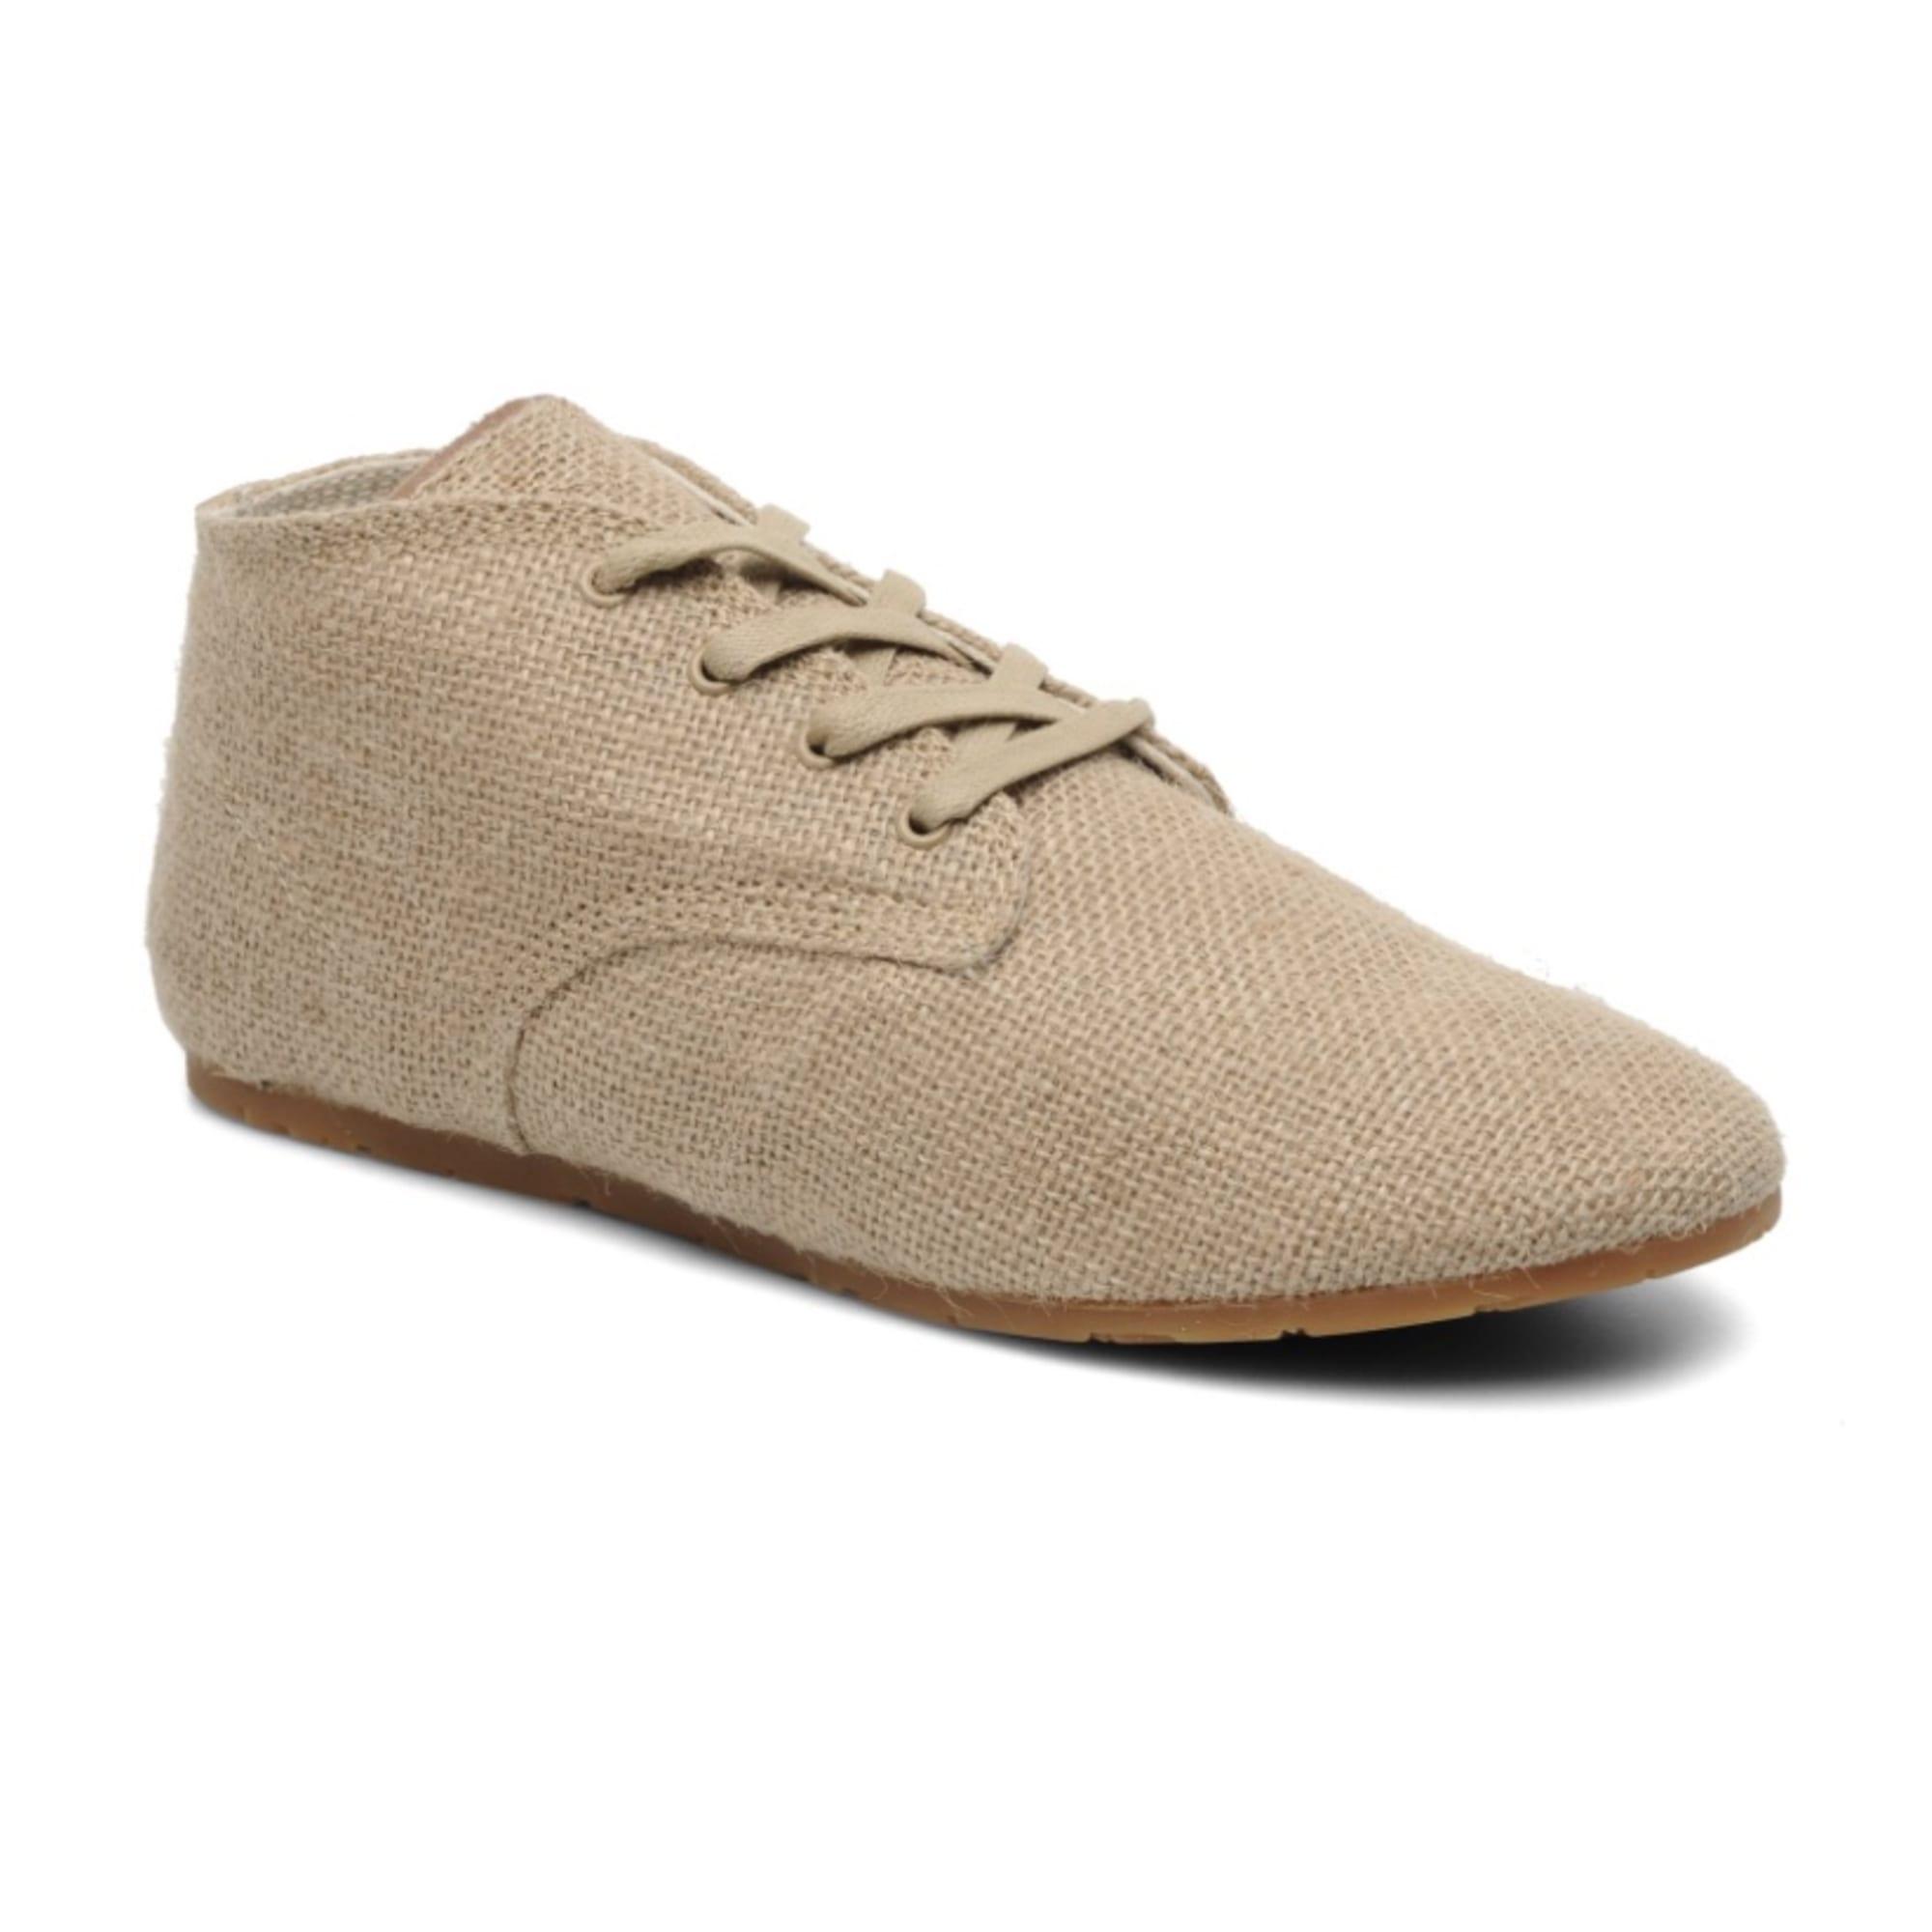 Chaussures à lacets  ELEVEN PARIS Beige, camel